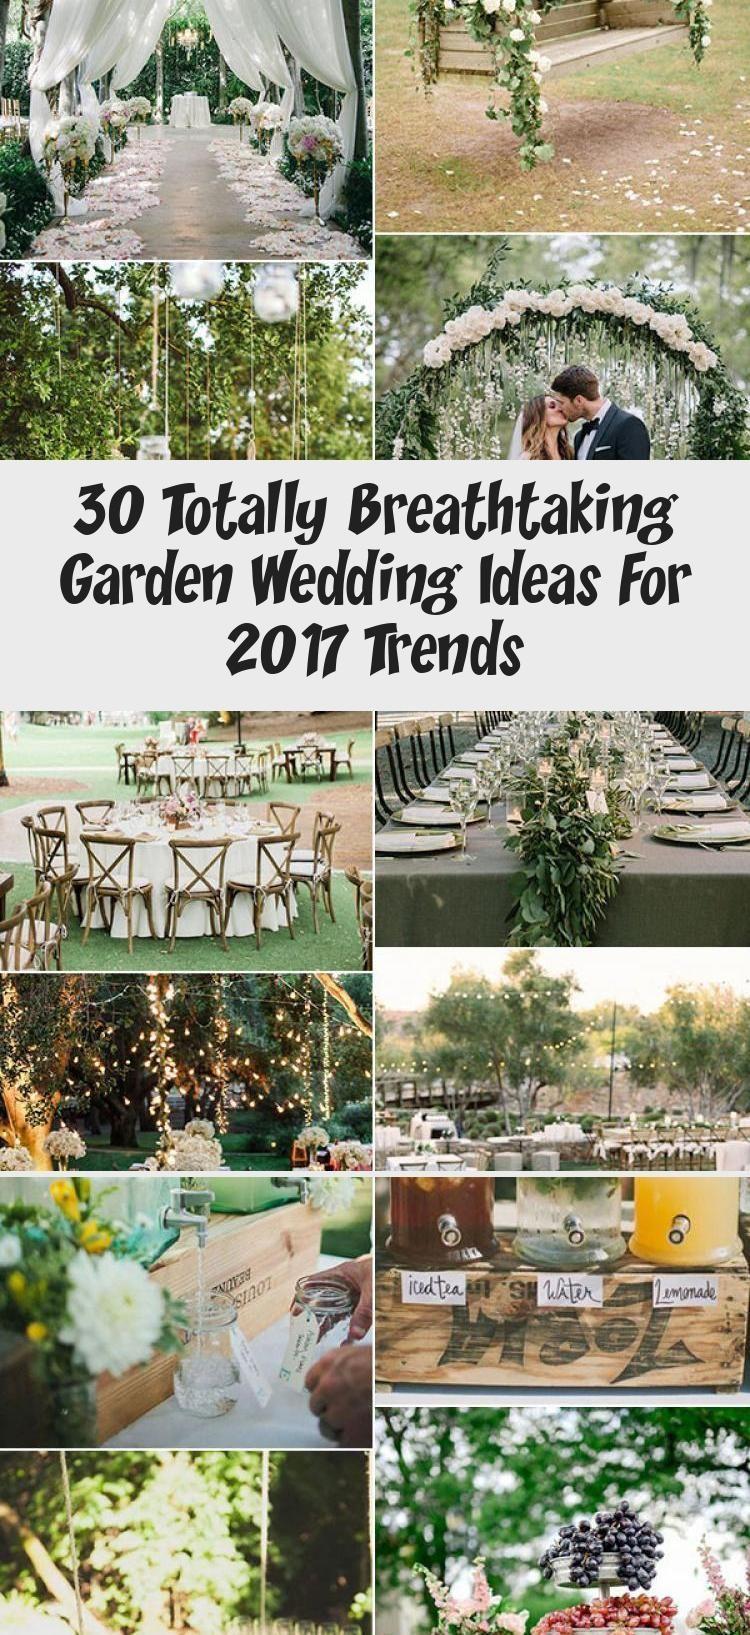 Garden Themed Wedding Reception Ideas For 2017 Trends Weddingreceptionideas In In 2020 With Images Garden Wedding Venue Garden Wedding Indoor Garden Wedding